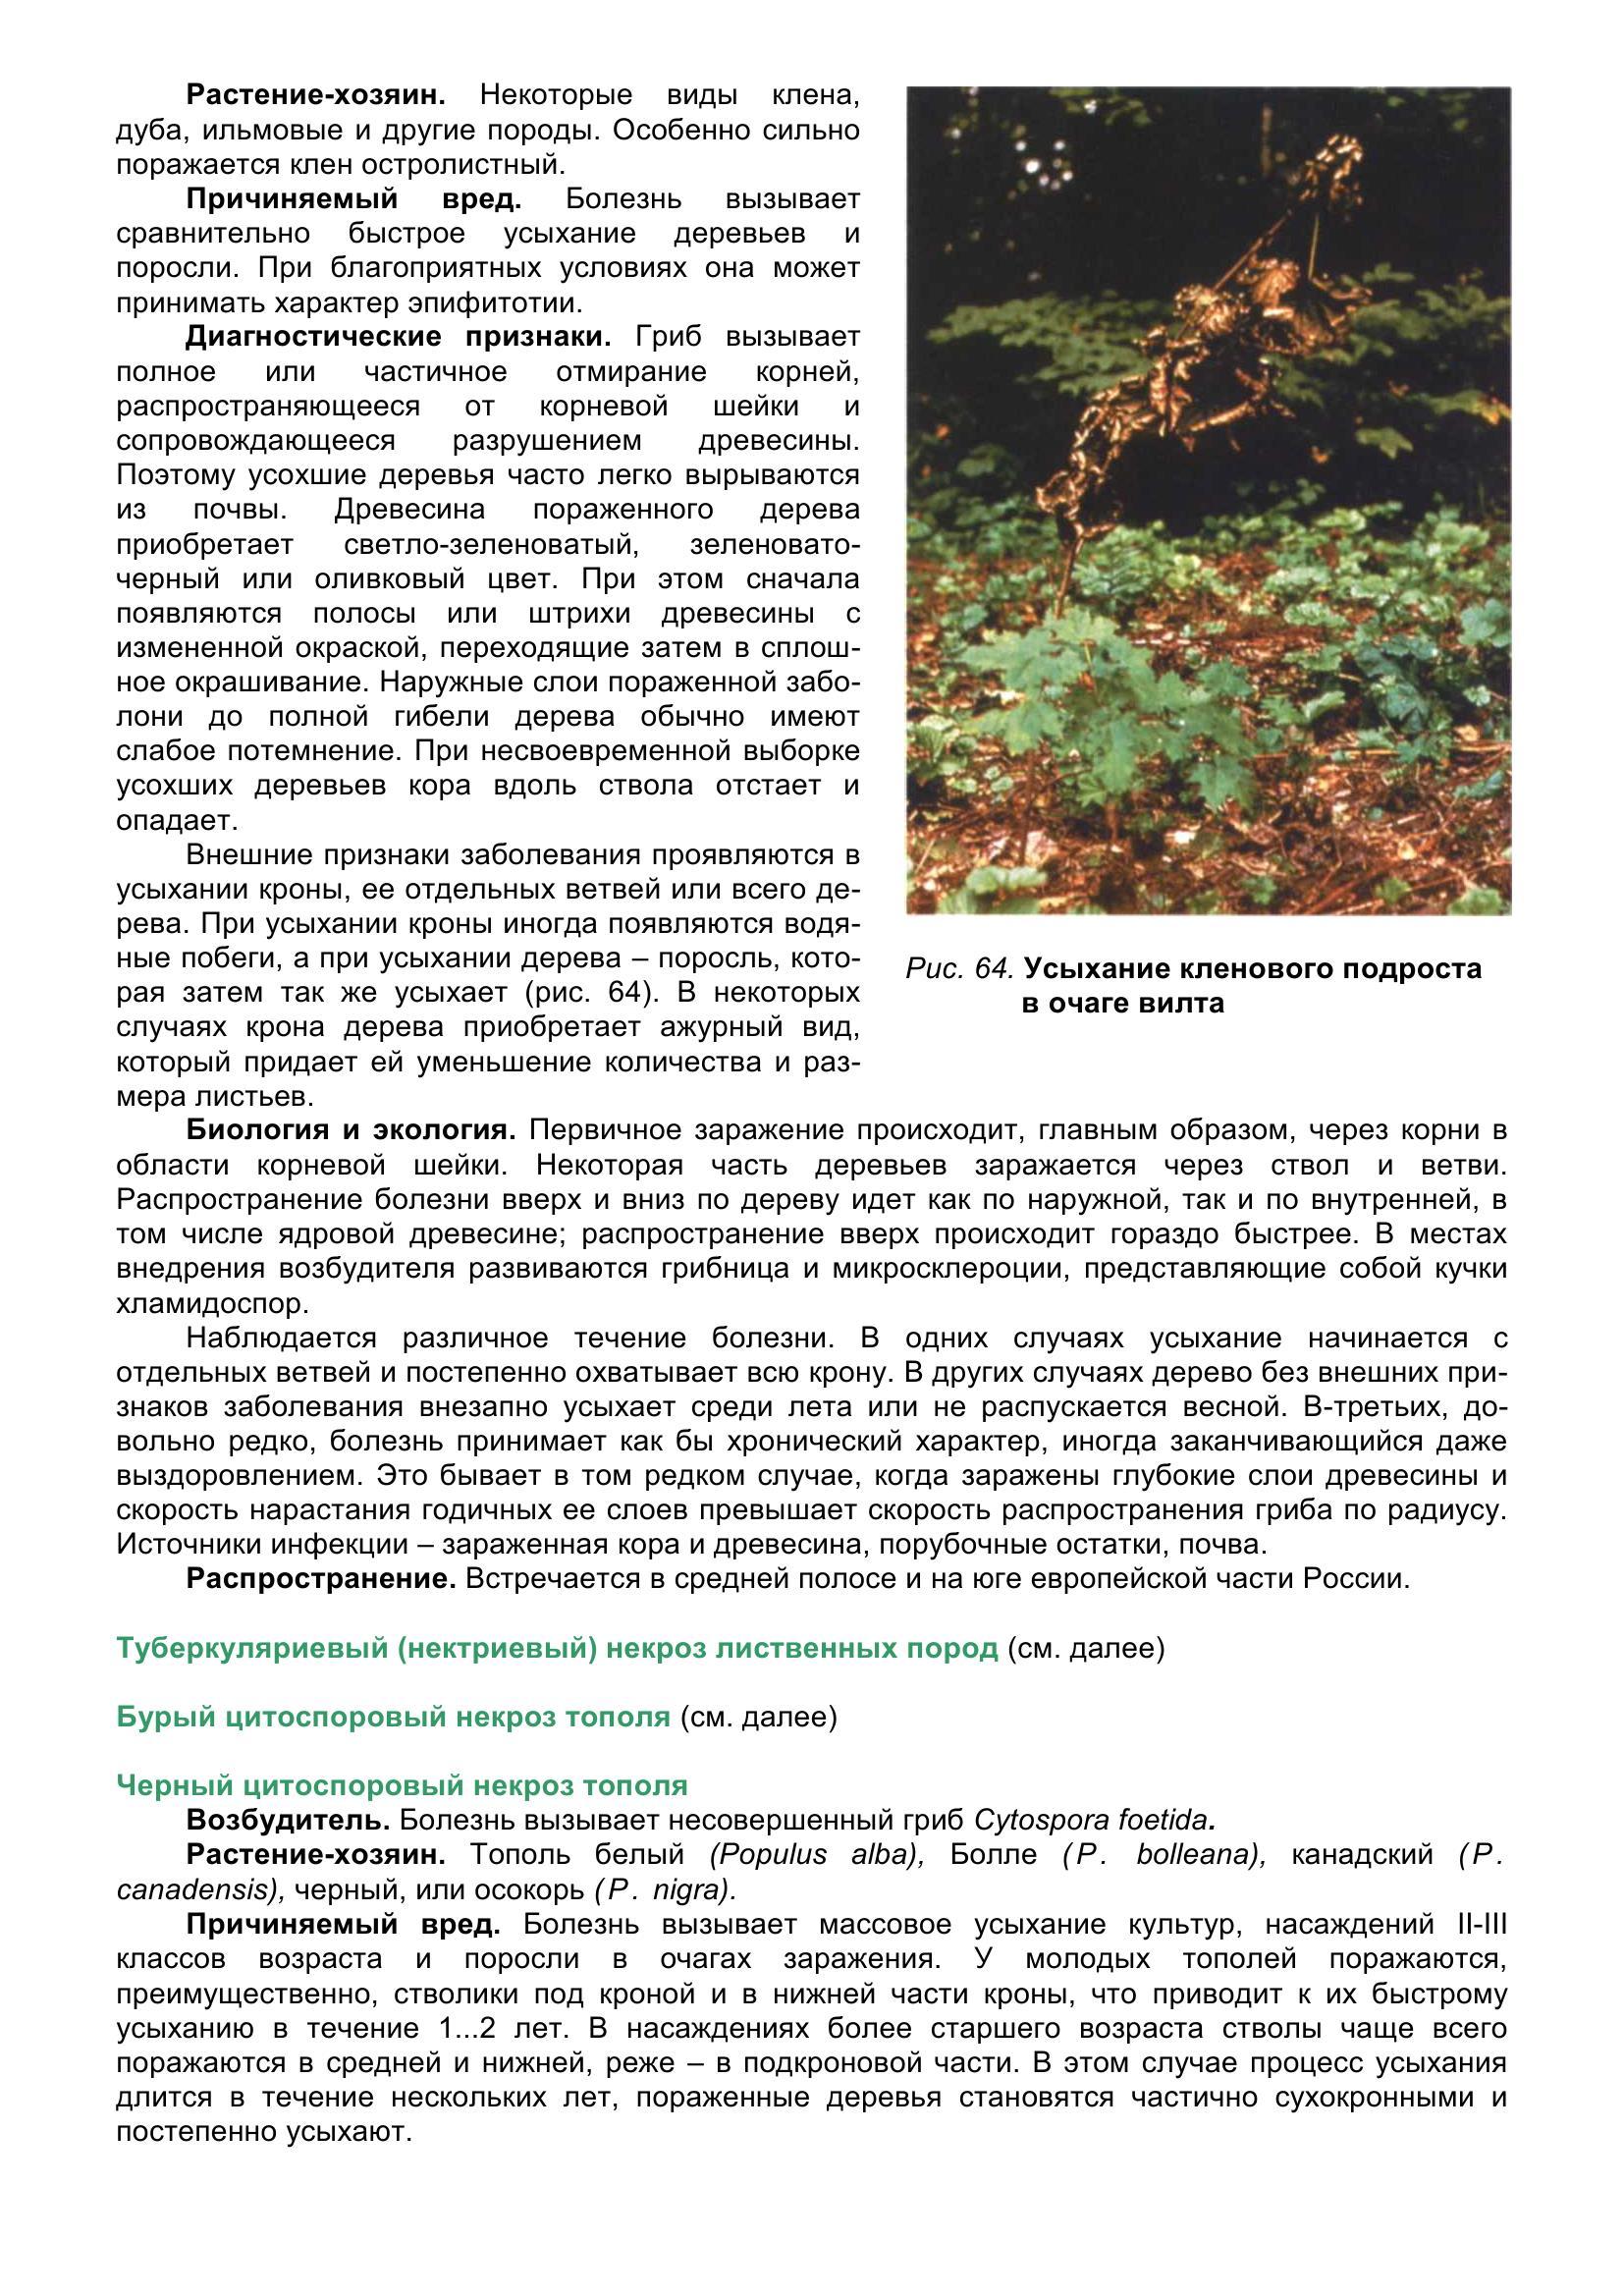 Болезни_древесных_растений_075.jpg